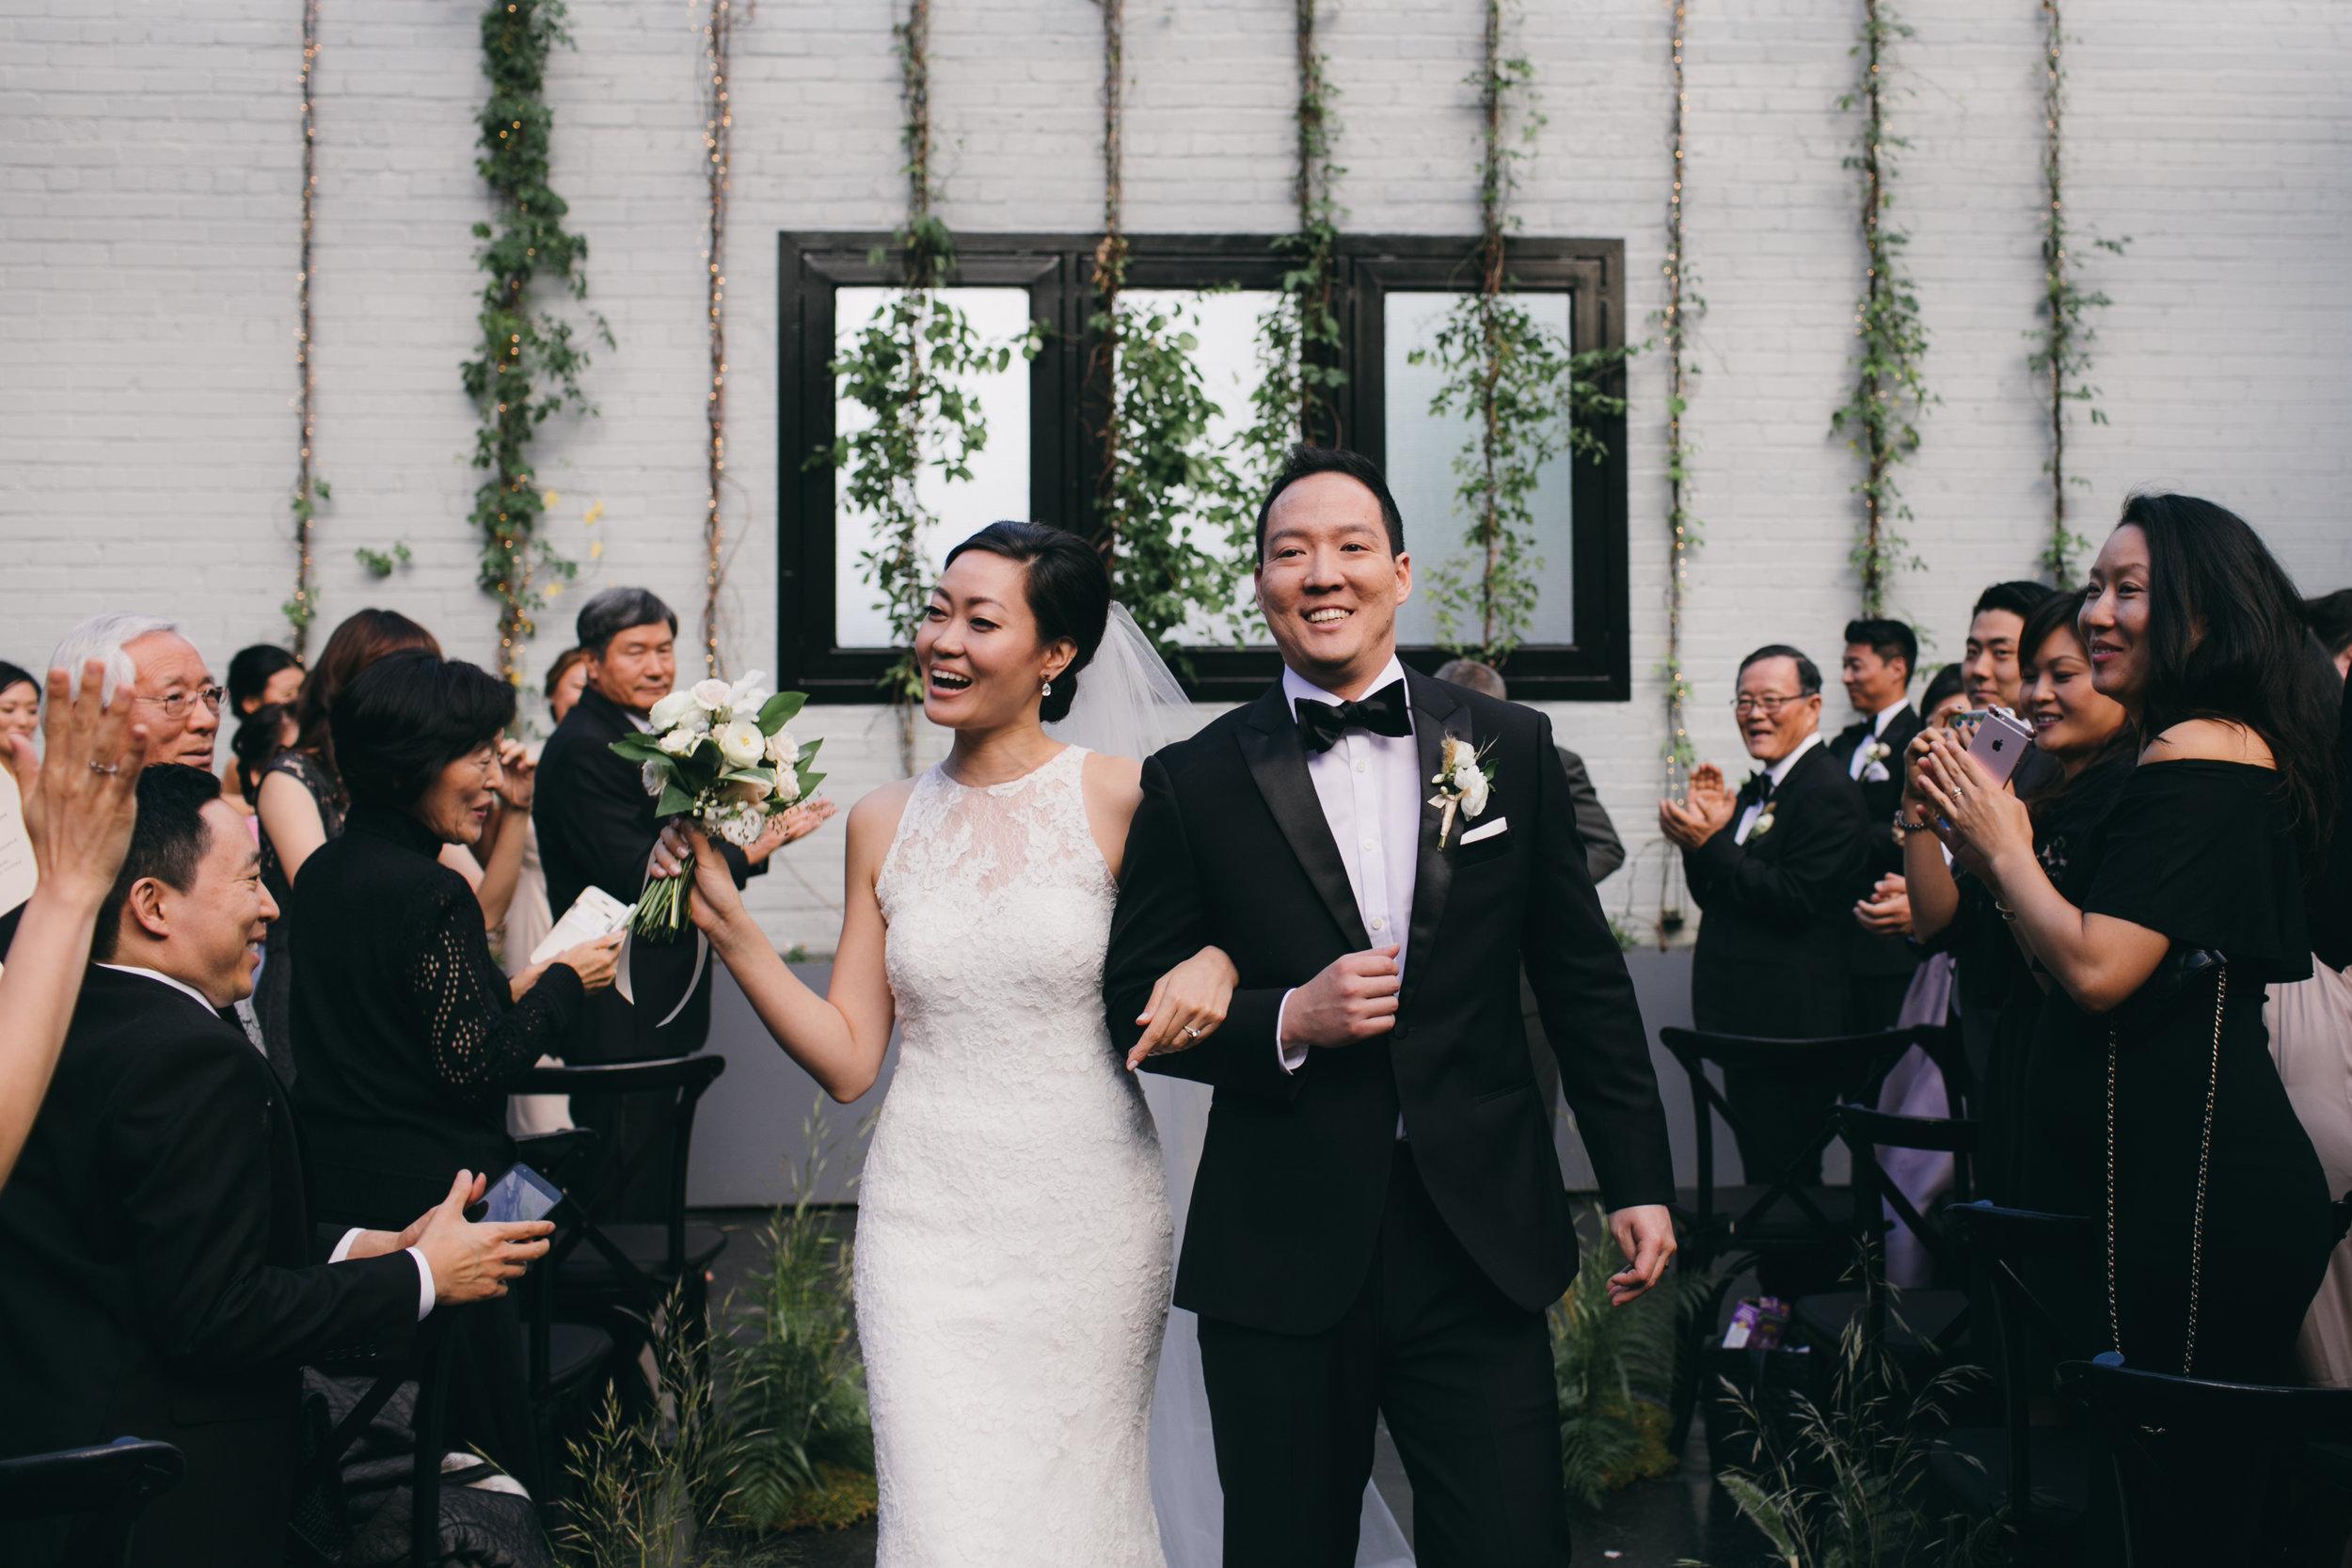 Quyn Duong 501 Union Brooklyn Wedding 0035.JPG